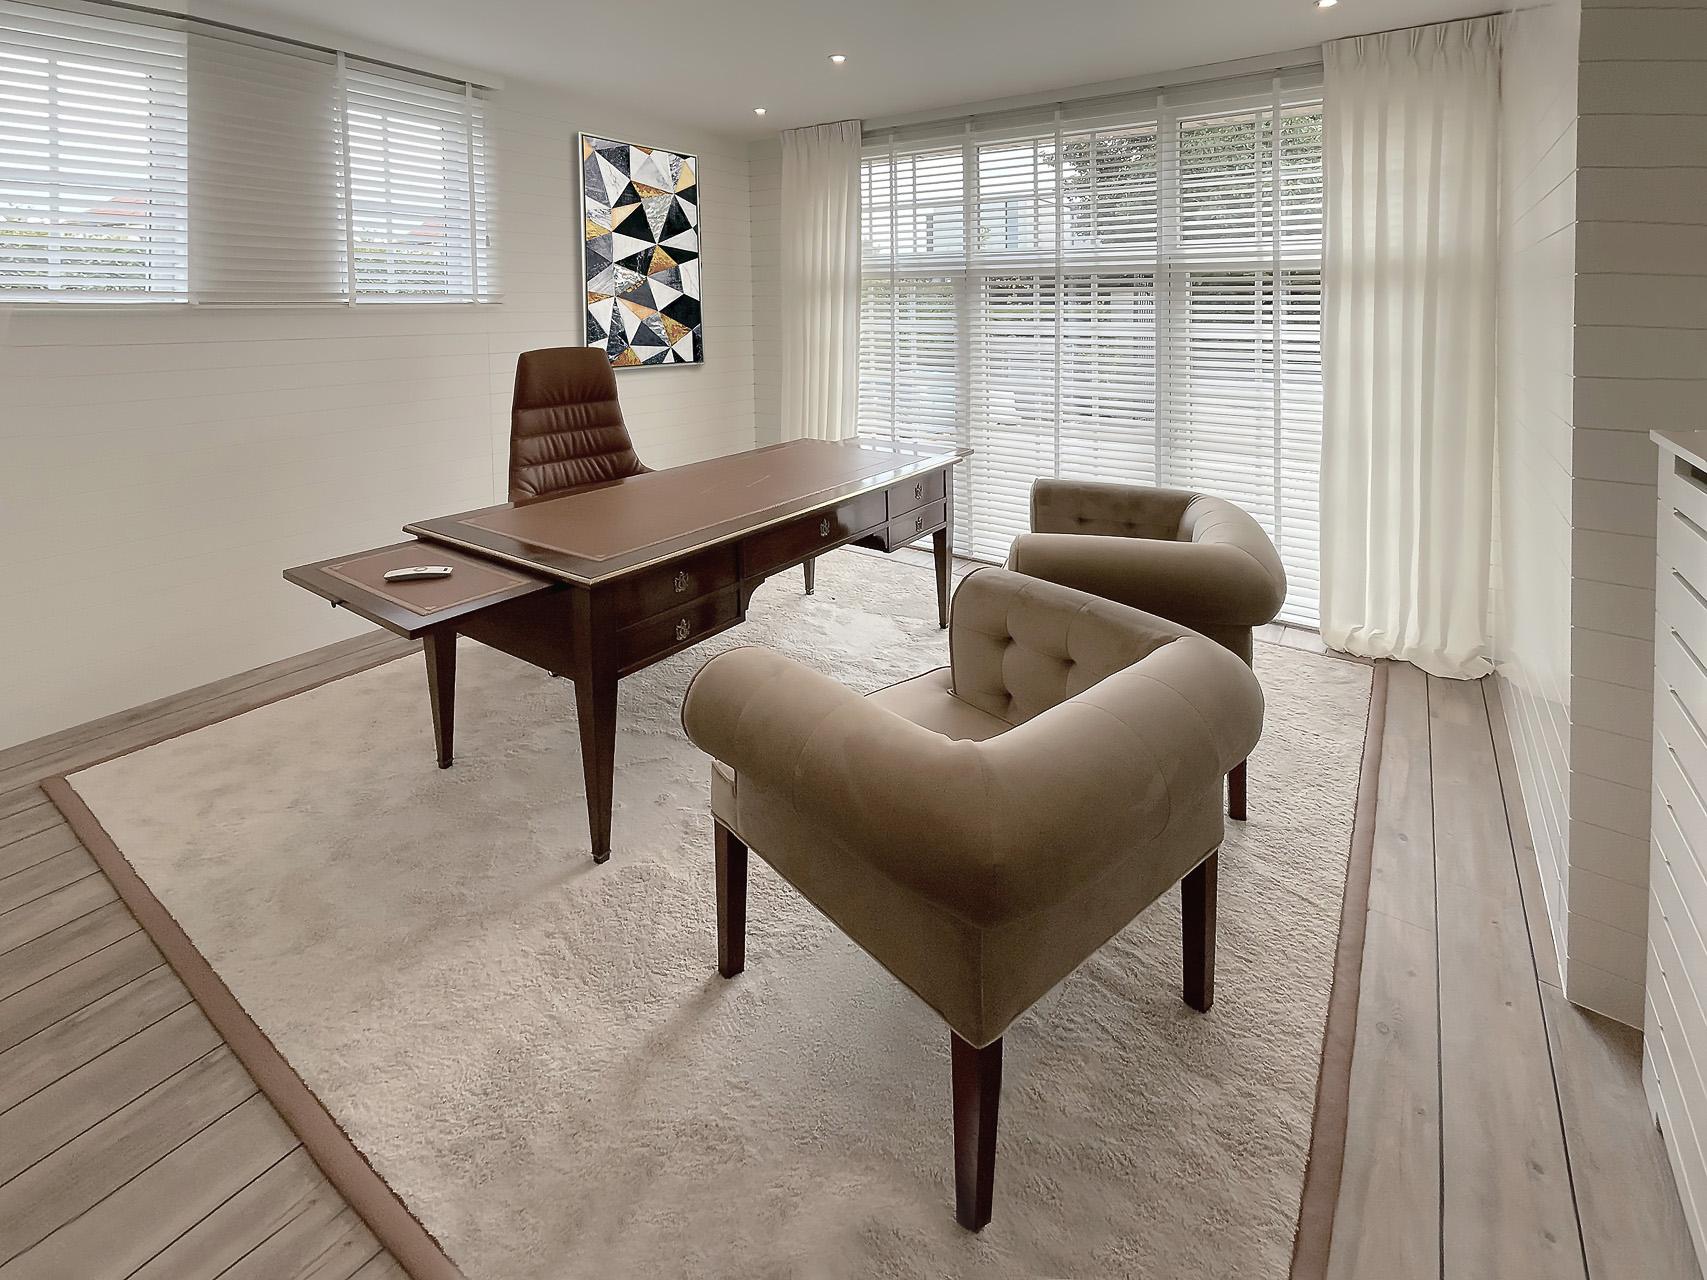 Bureau inrichting residentieel - Marcotte Style